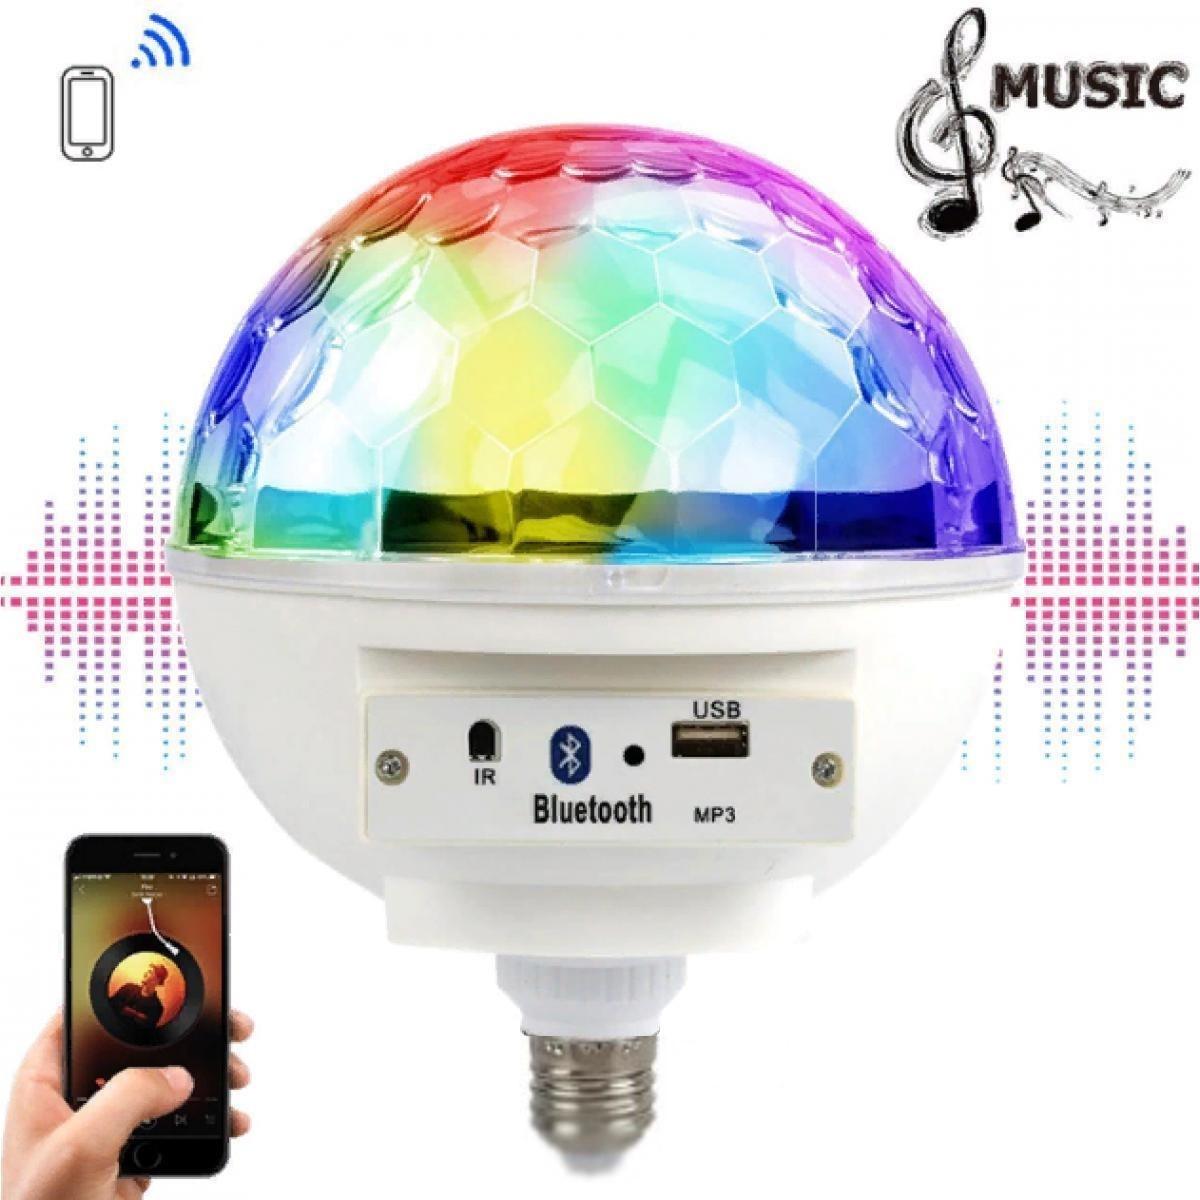 Светодиодный музыкальный диско шар Bluetooth | Доско сфера | Диско лампа Musik Ball E27